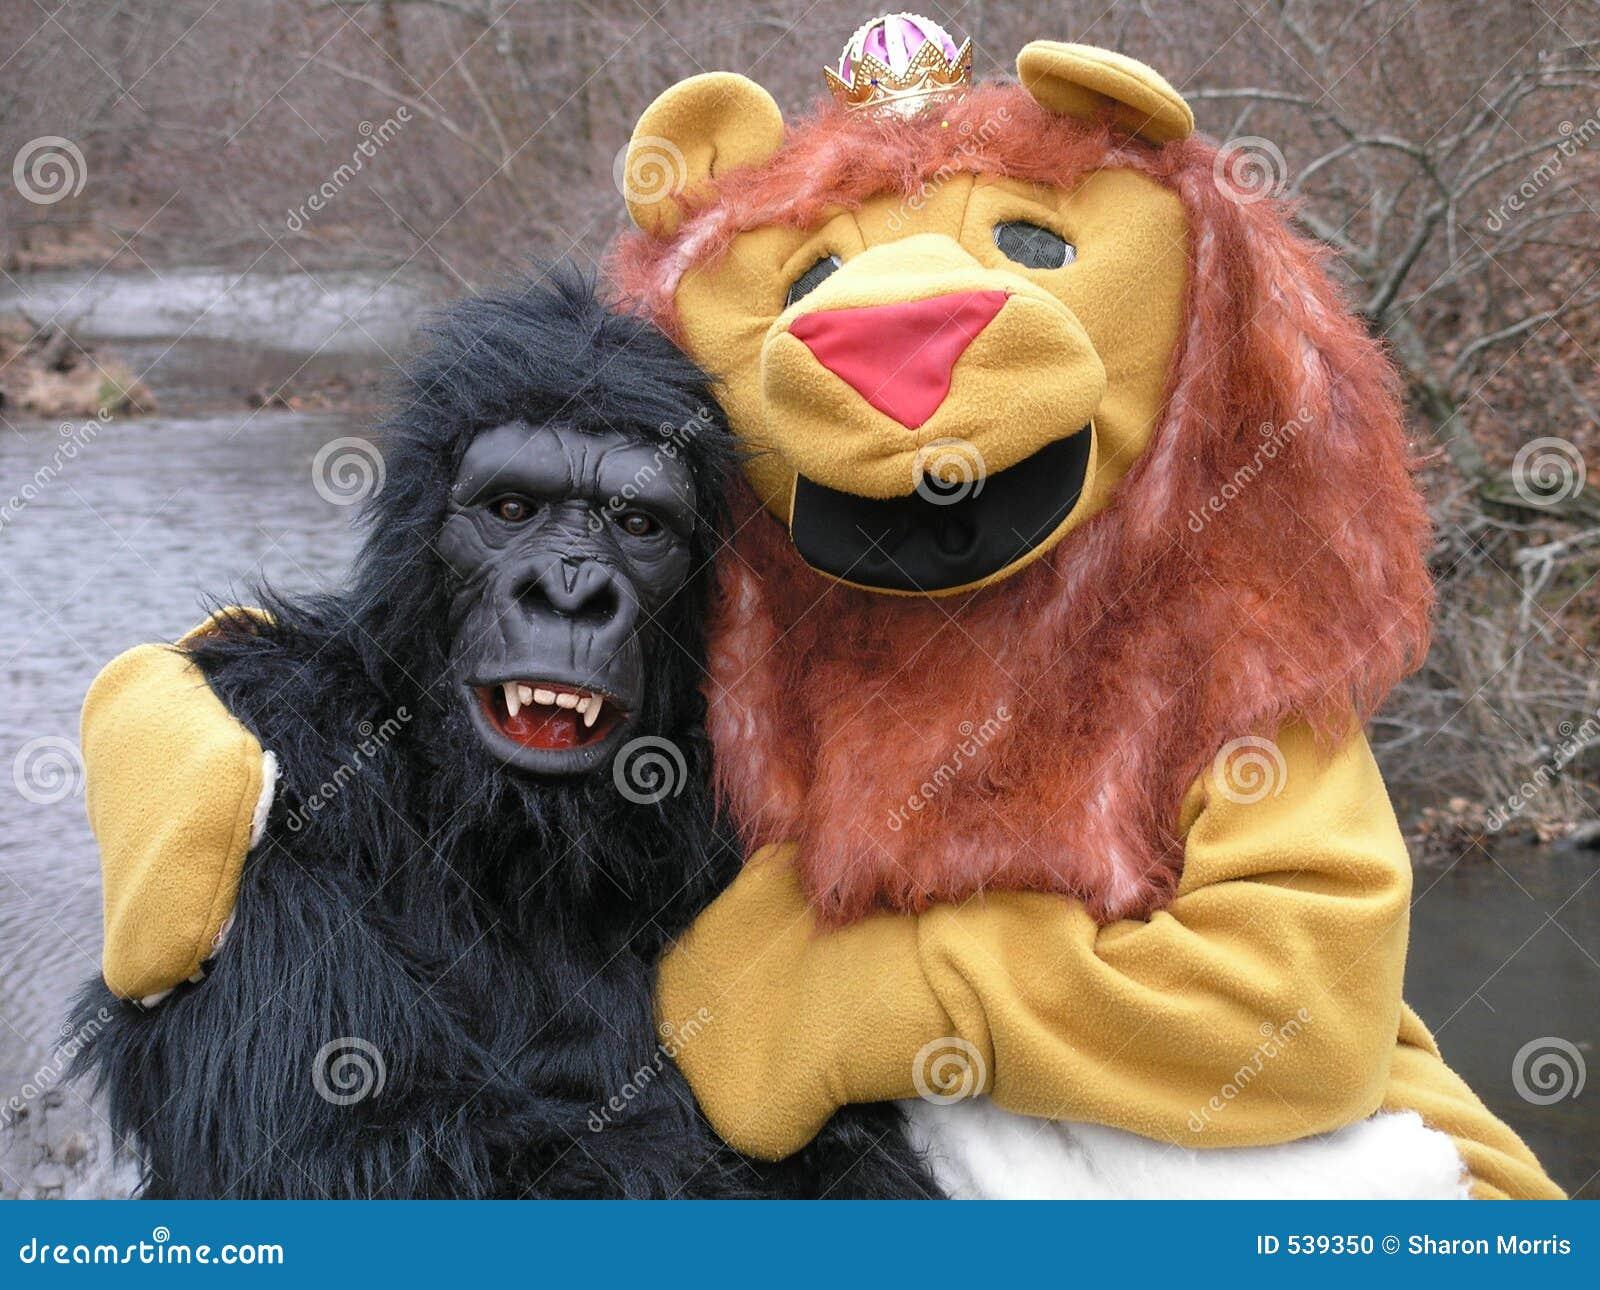 Download 多的夫妇 库存照片. 图片 包括有 服装, 朋友, 滑稽, 人兽交, 室外, 大猩猩, 奇怪, 夫妇, 狮子 - 539350